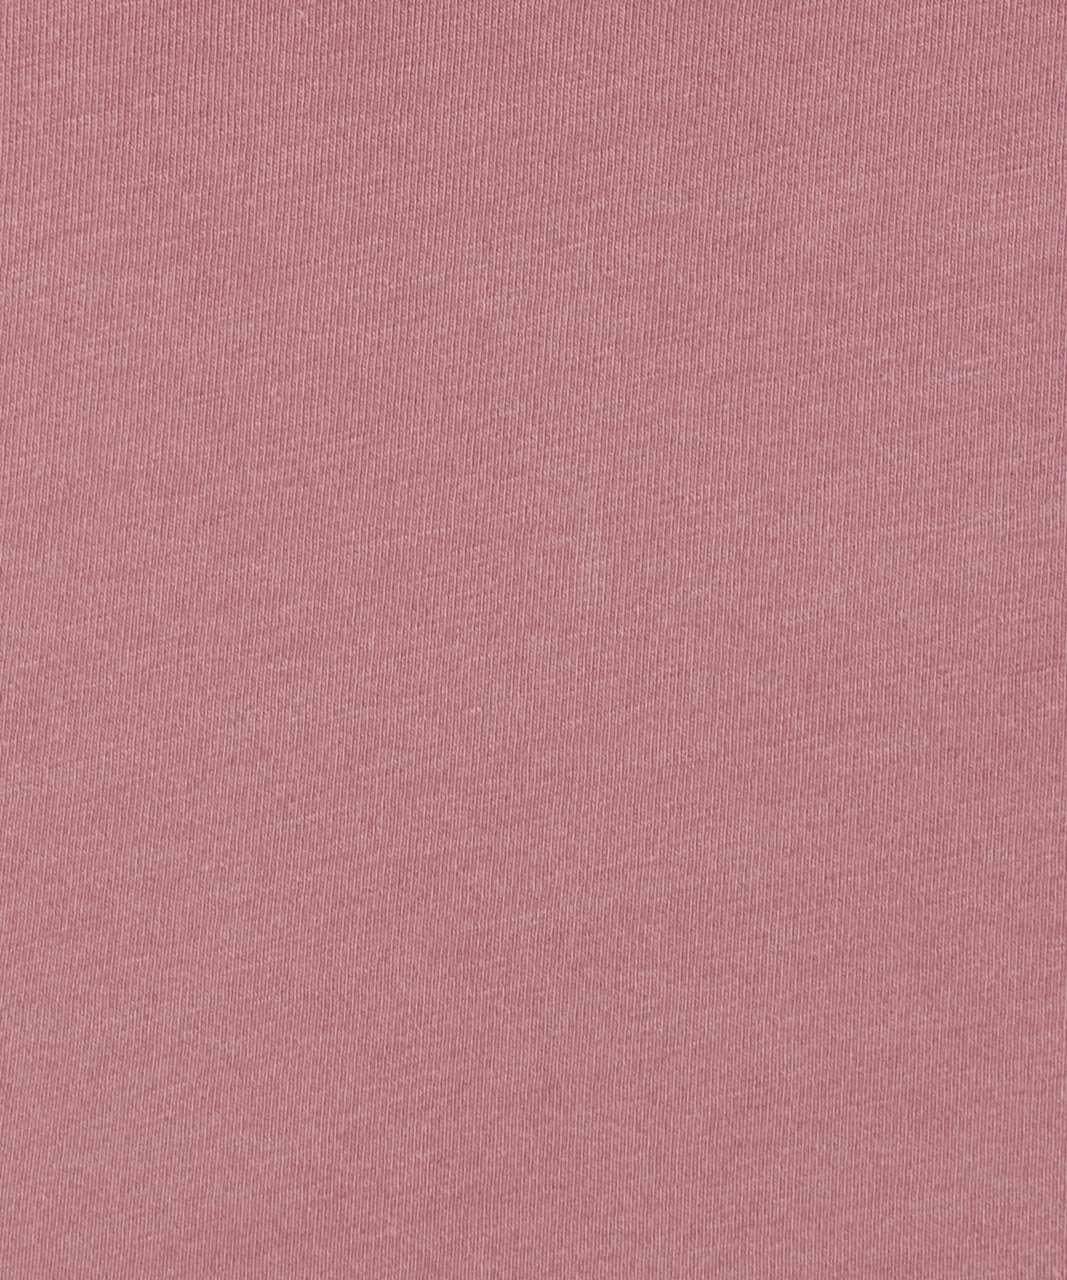 Lululemon Love Tank *Pleated - Red Dust